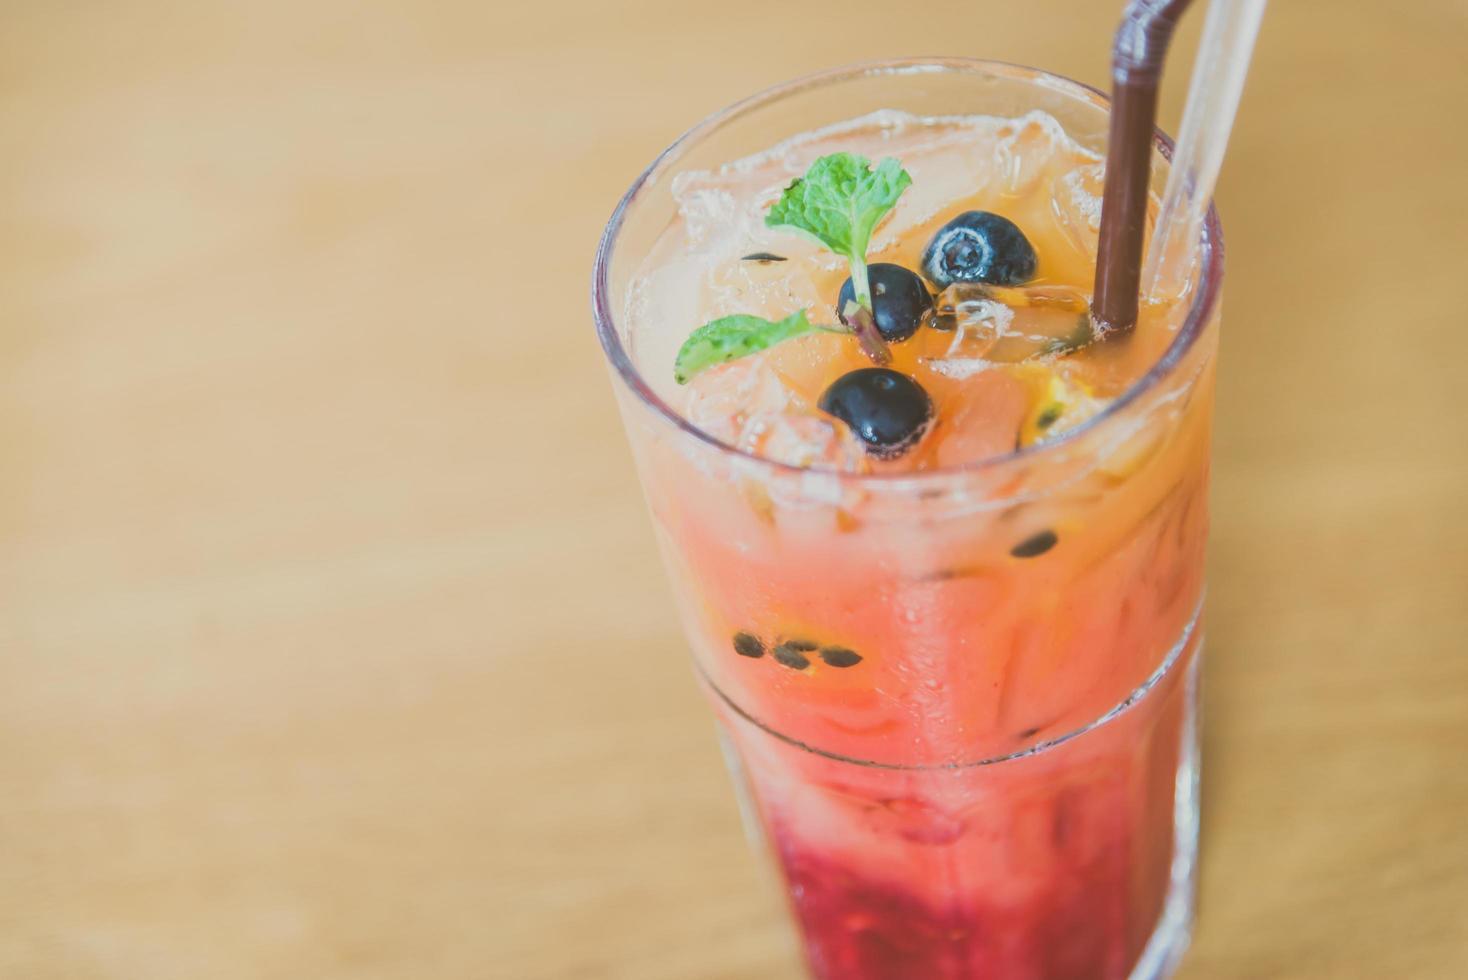 blanda frukt moctails drink foto